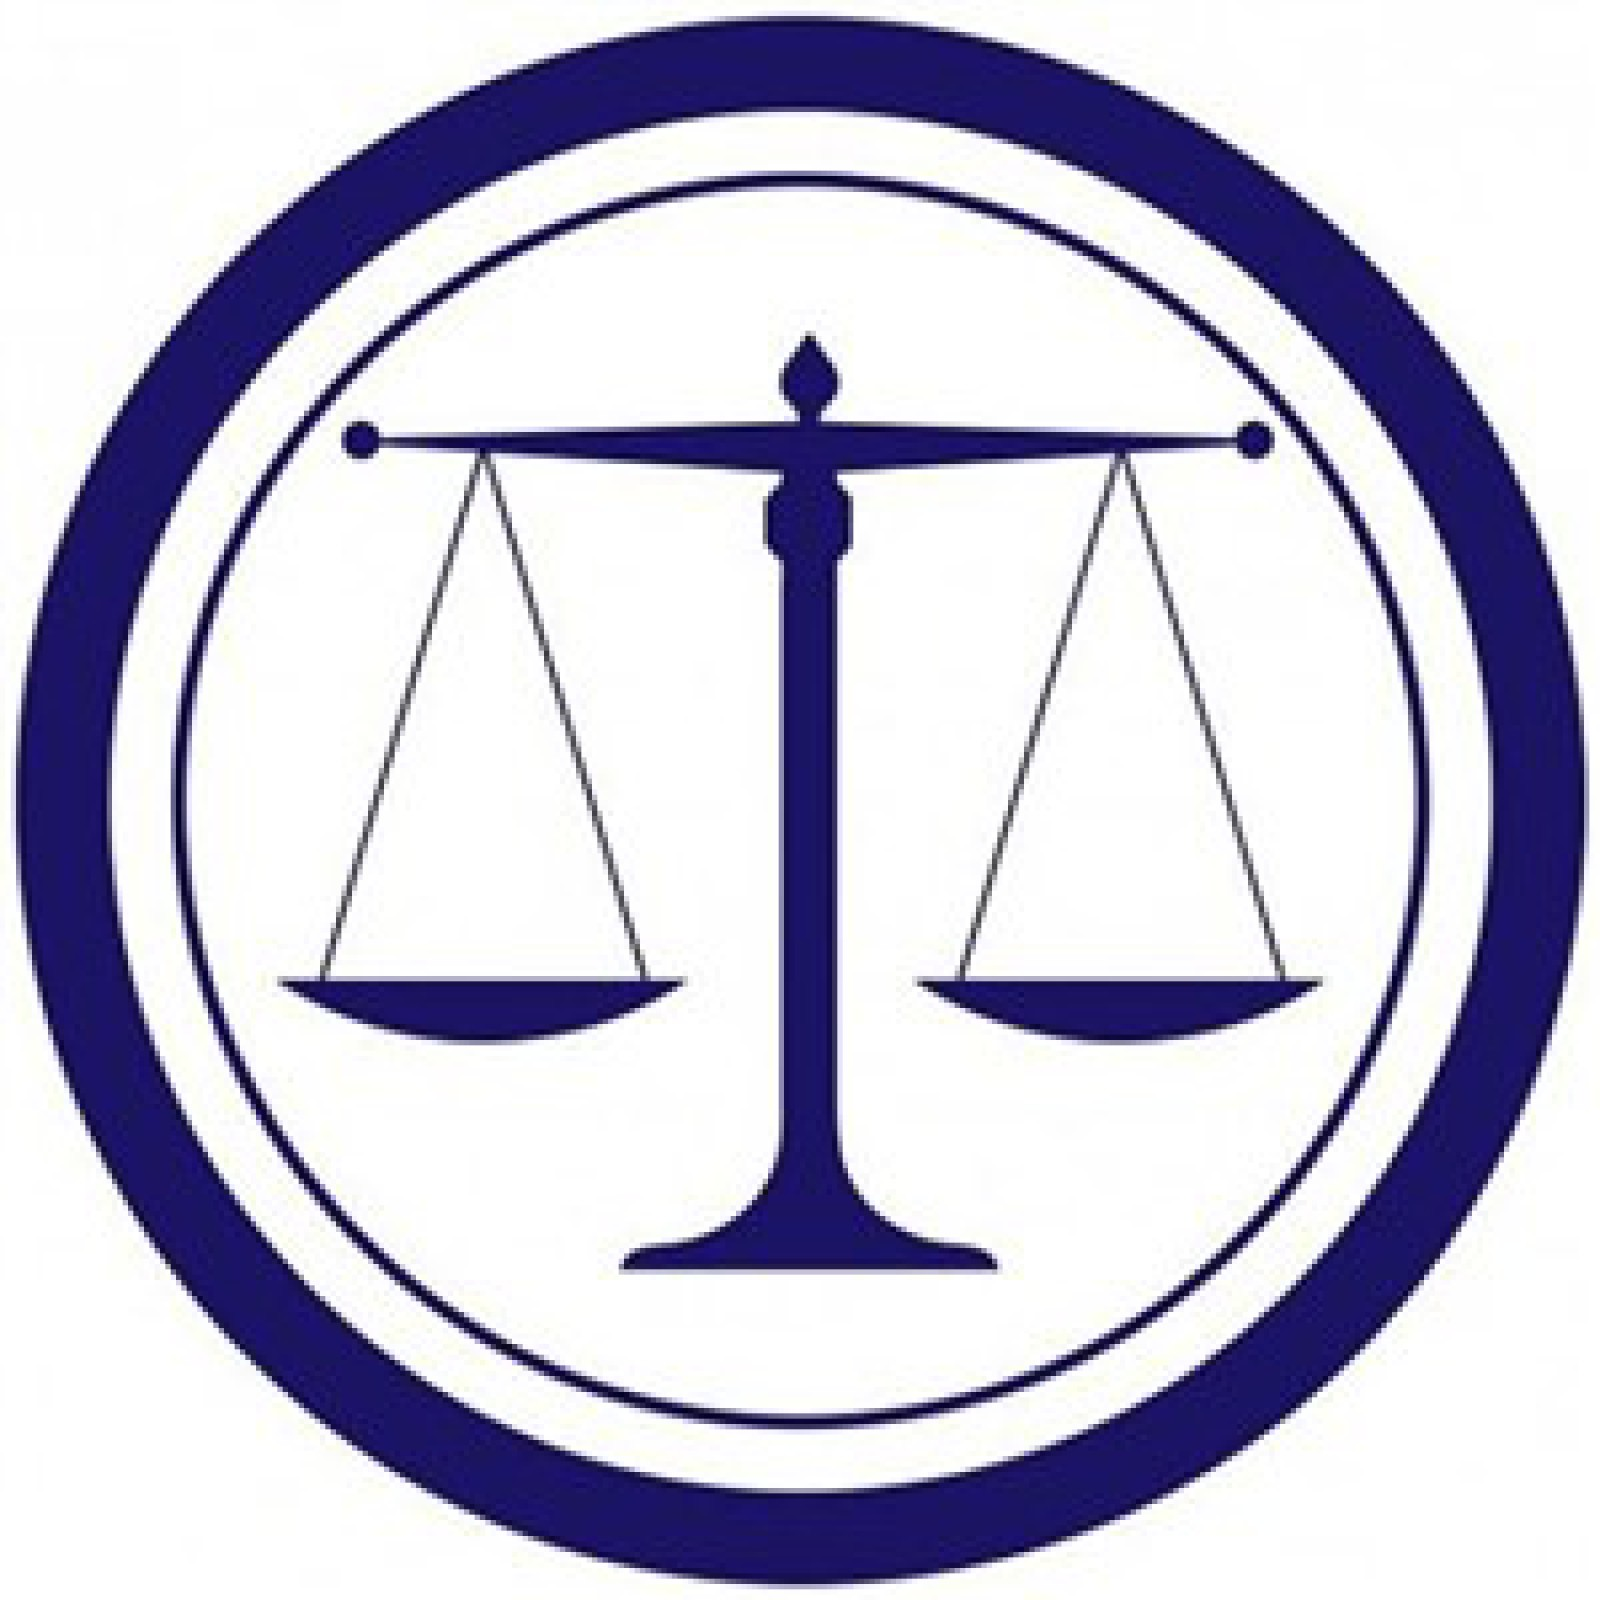 Mancato ordine di cancellazione della trascrizione: nulla da fare in cassazione per la parte inerte nel giudizio di merito